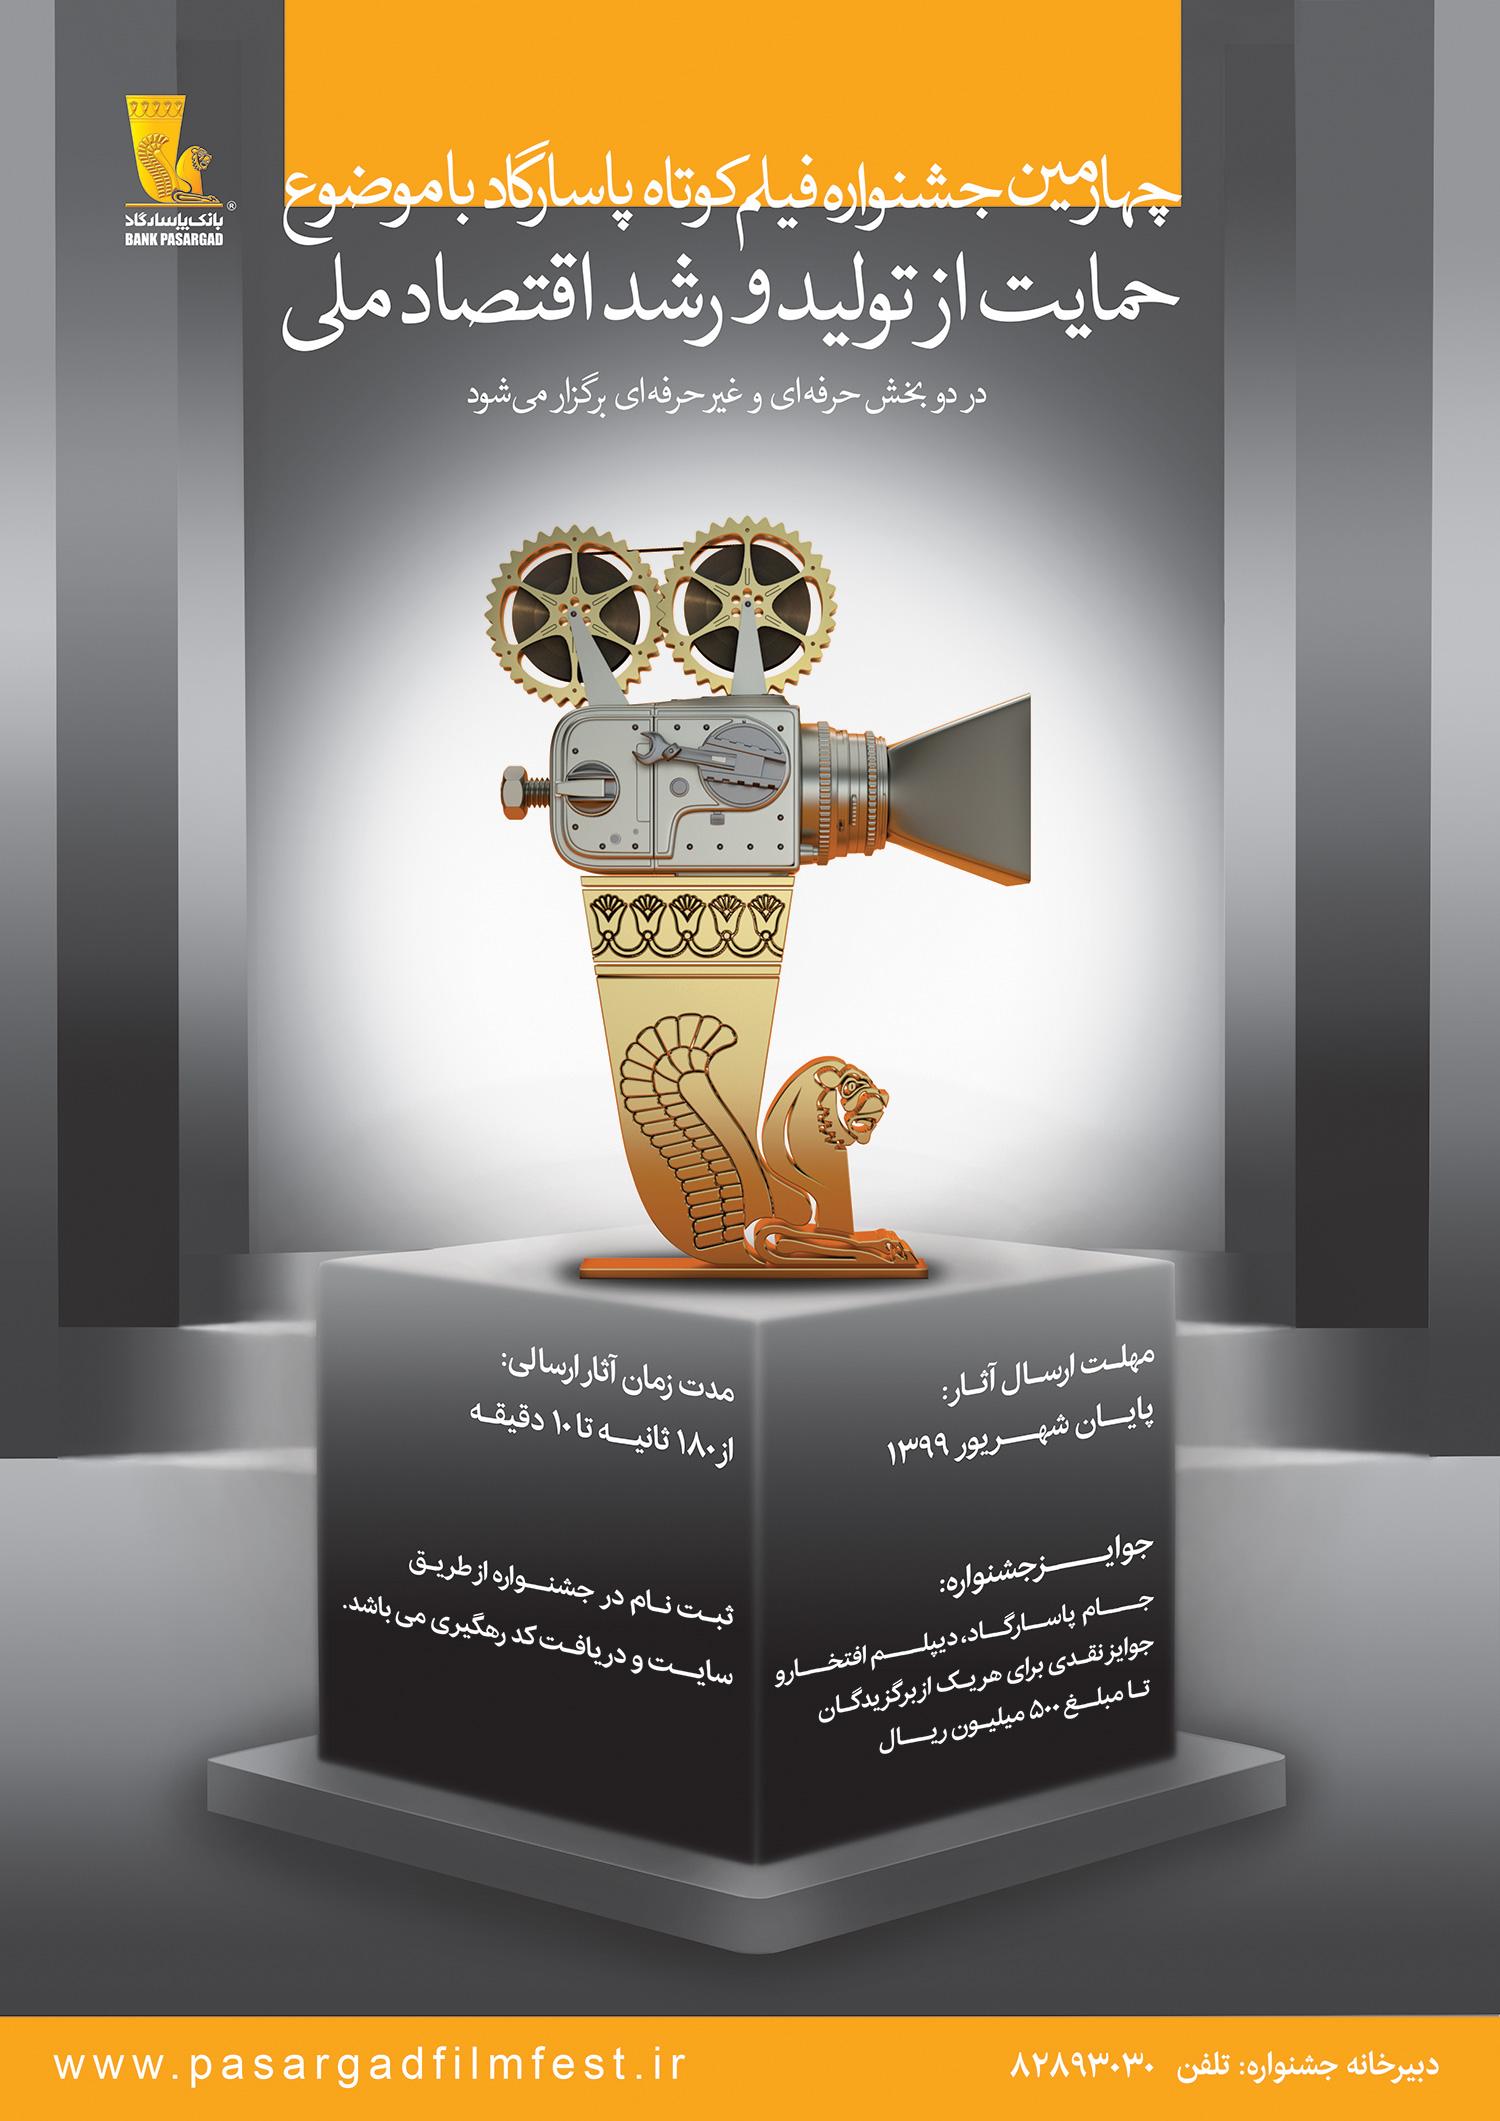 چهارمین جشنواره فیلم کوتاه بانکپاسارگاد